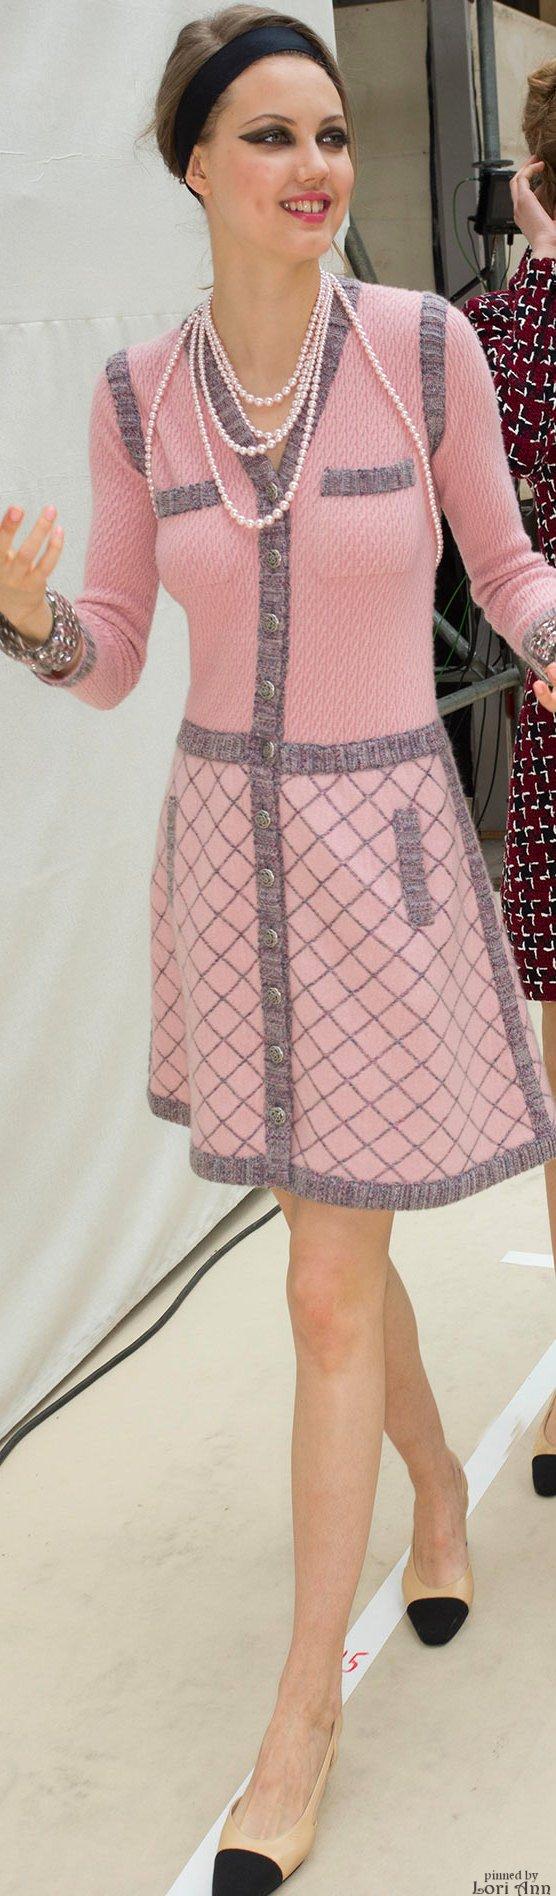 Chanel Fall 2015 Ready-to-Wear Fashion Show | Vestiditos, Chanel y Ropa